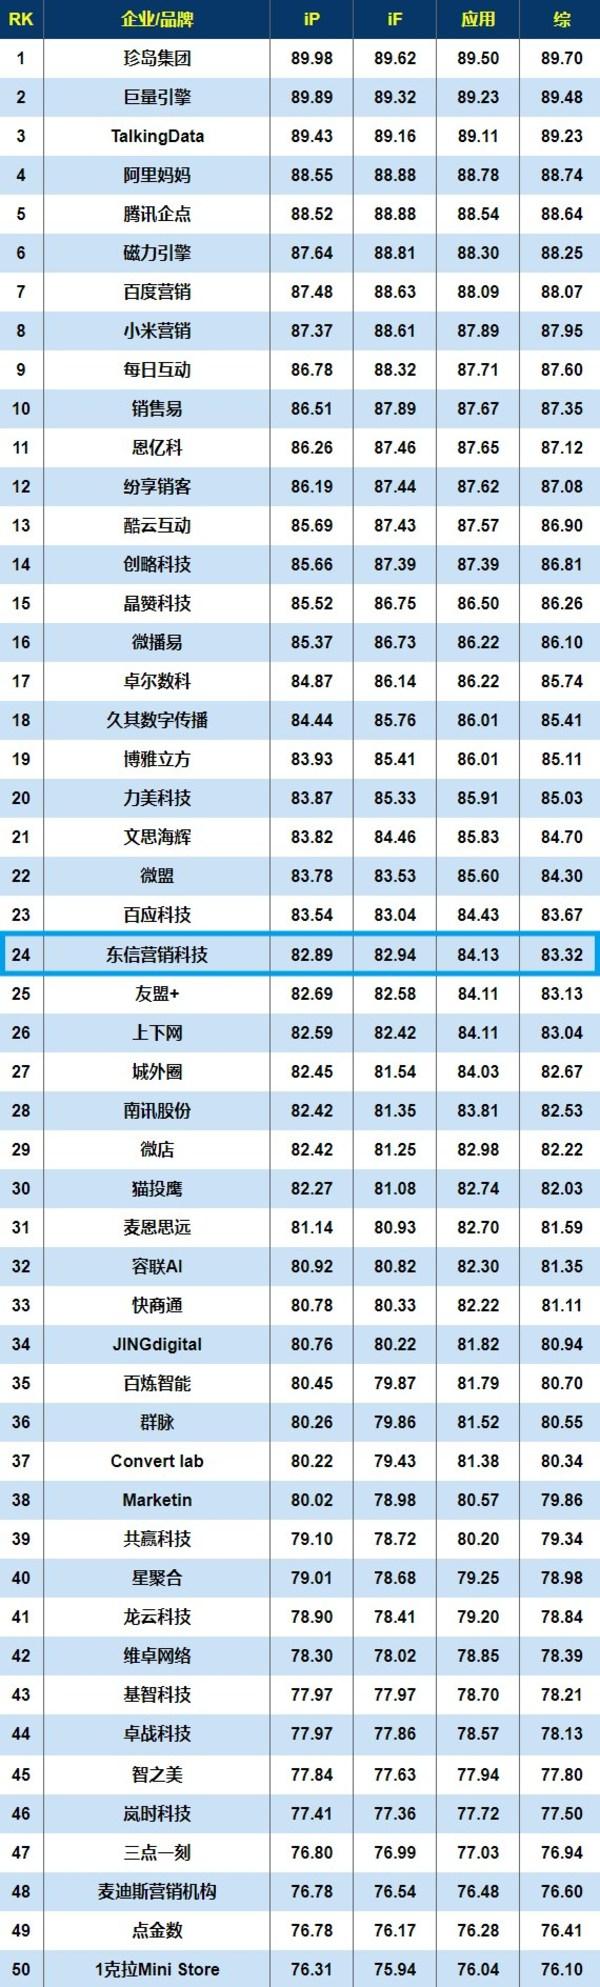 """實干篤行-東信營銷入選""""2021智能營銷創新50強""""排行榜"""